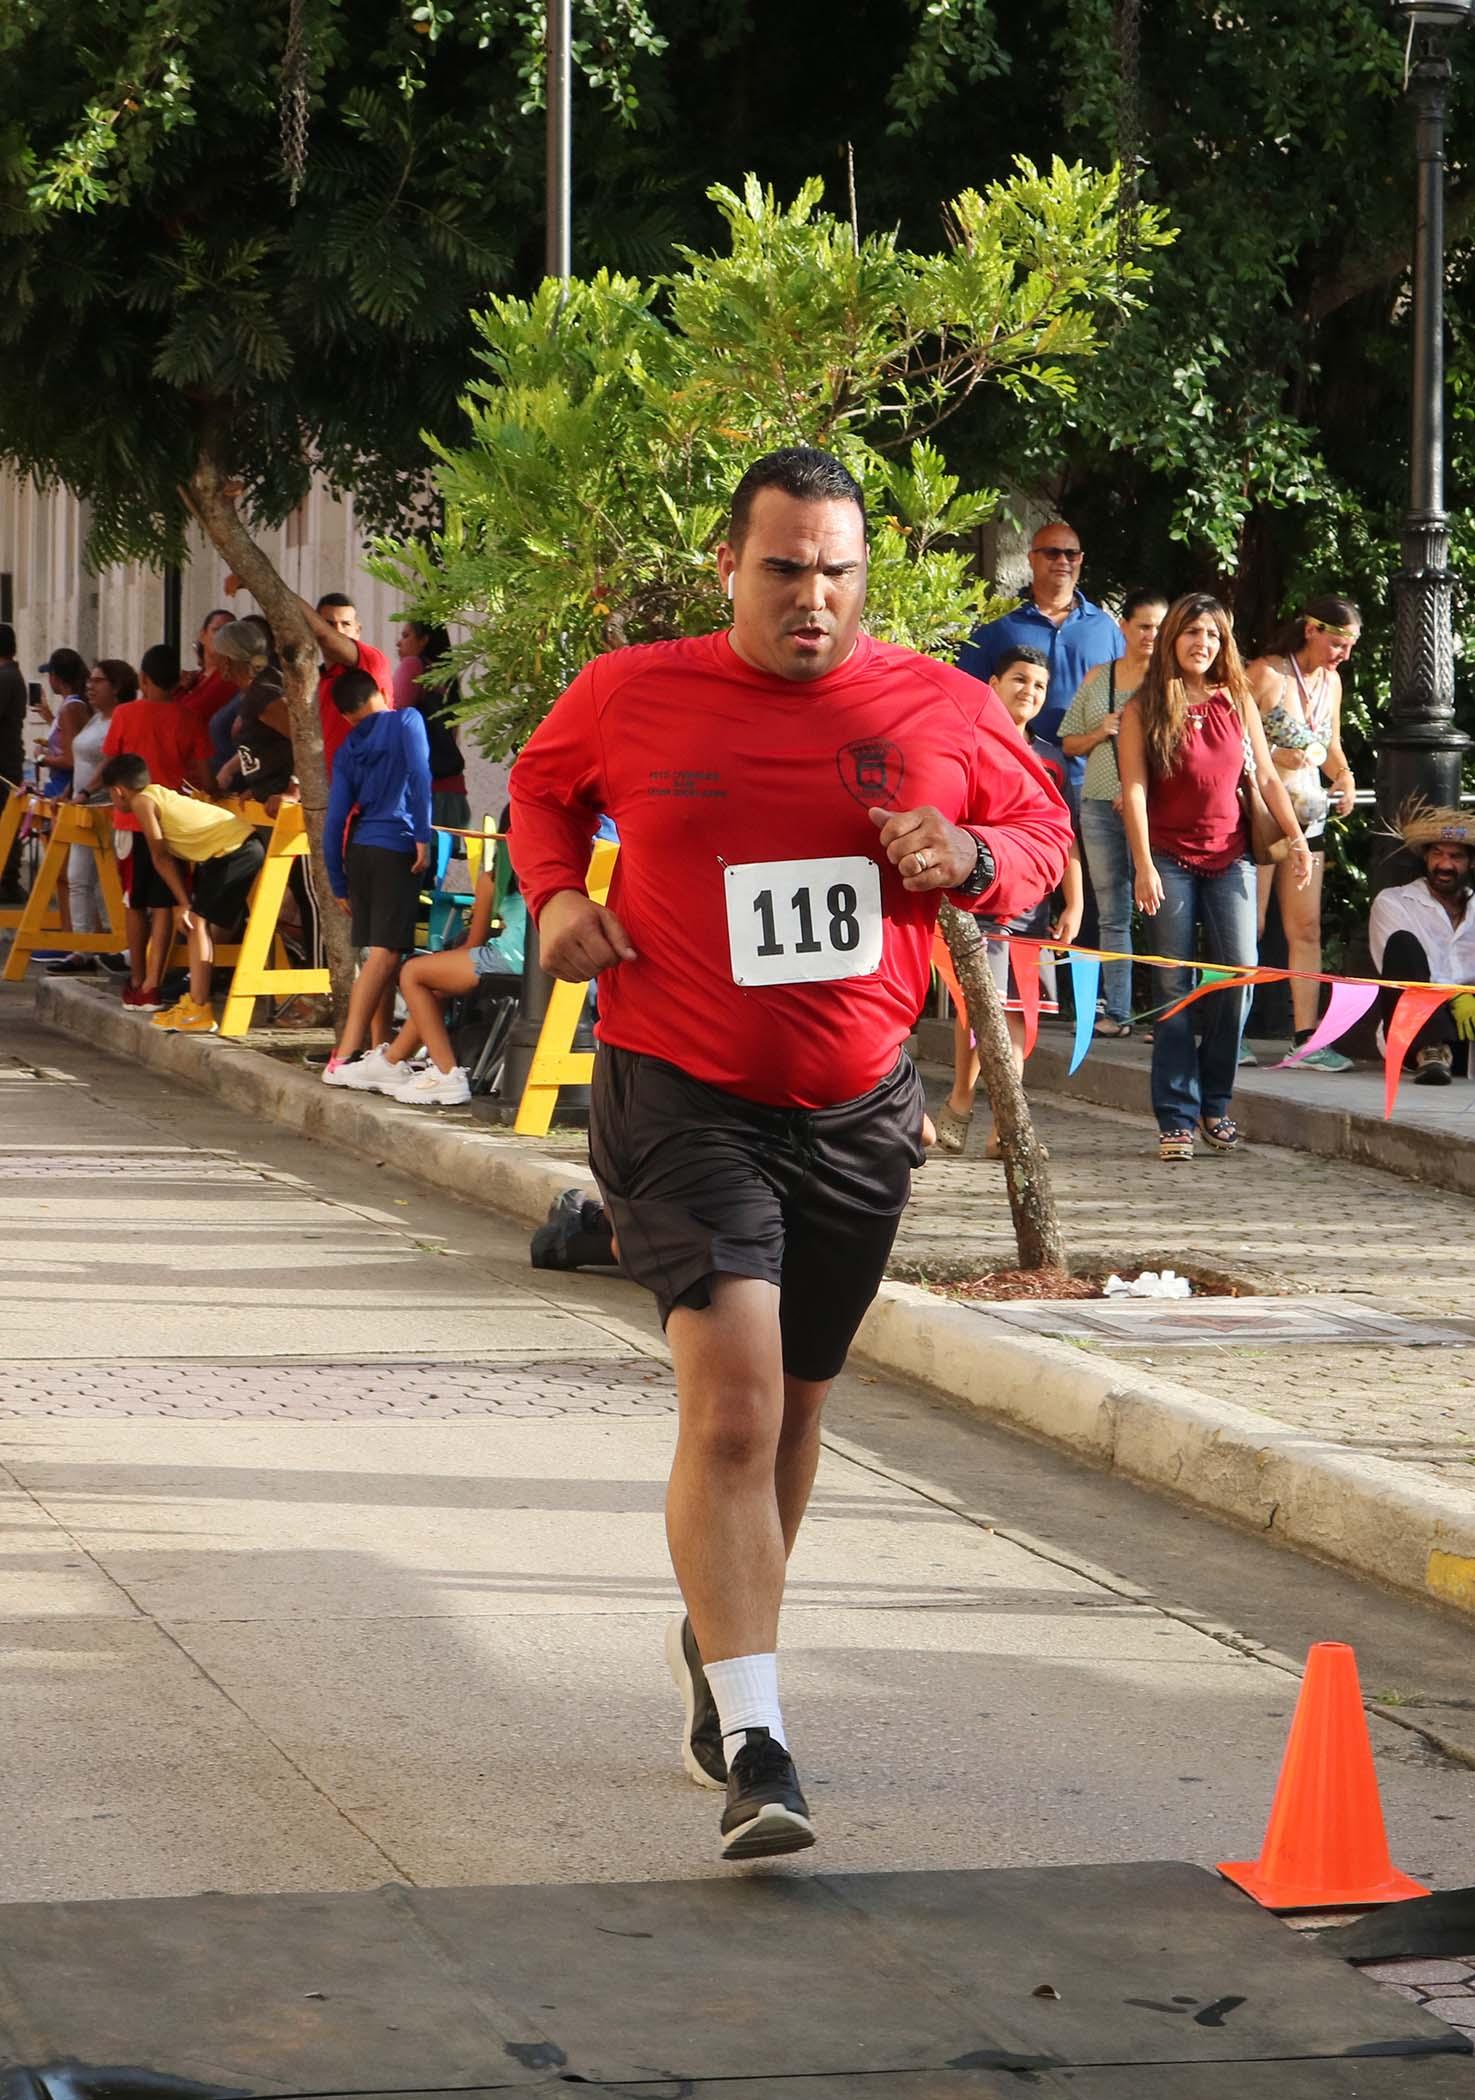 Maraton-Santa-Cruz-Edicion-29-2019-66